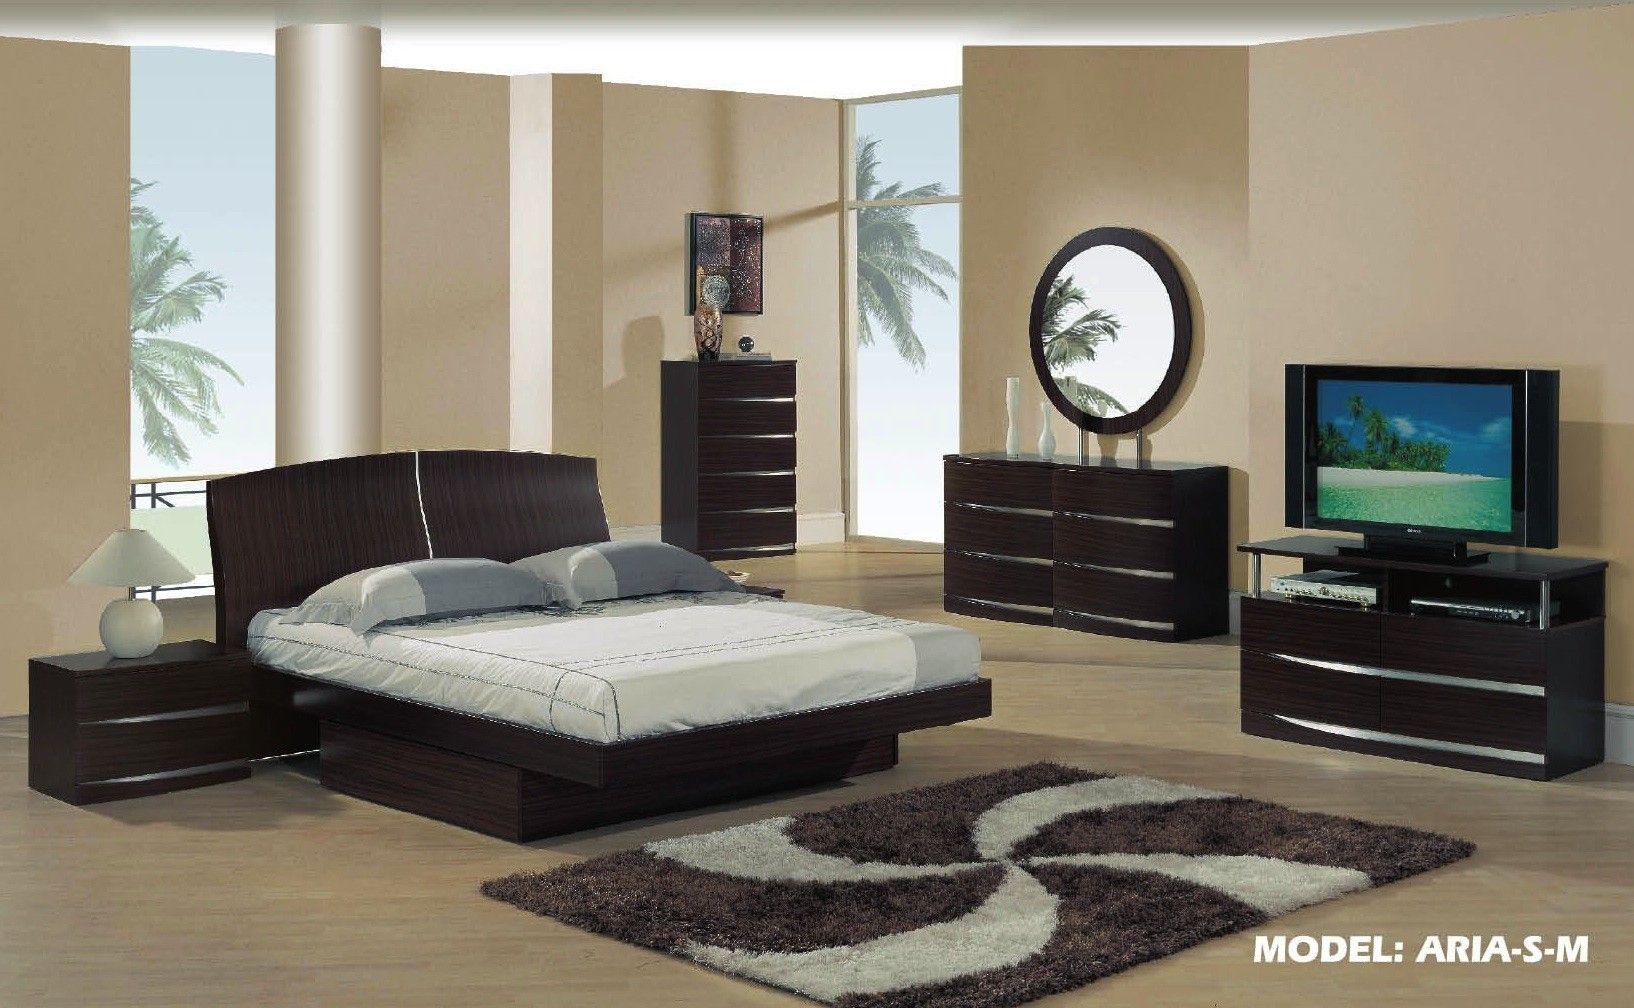 Aria bedroom set wenge bedroom pinterest bedrooms and